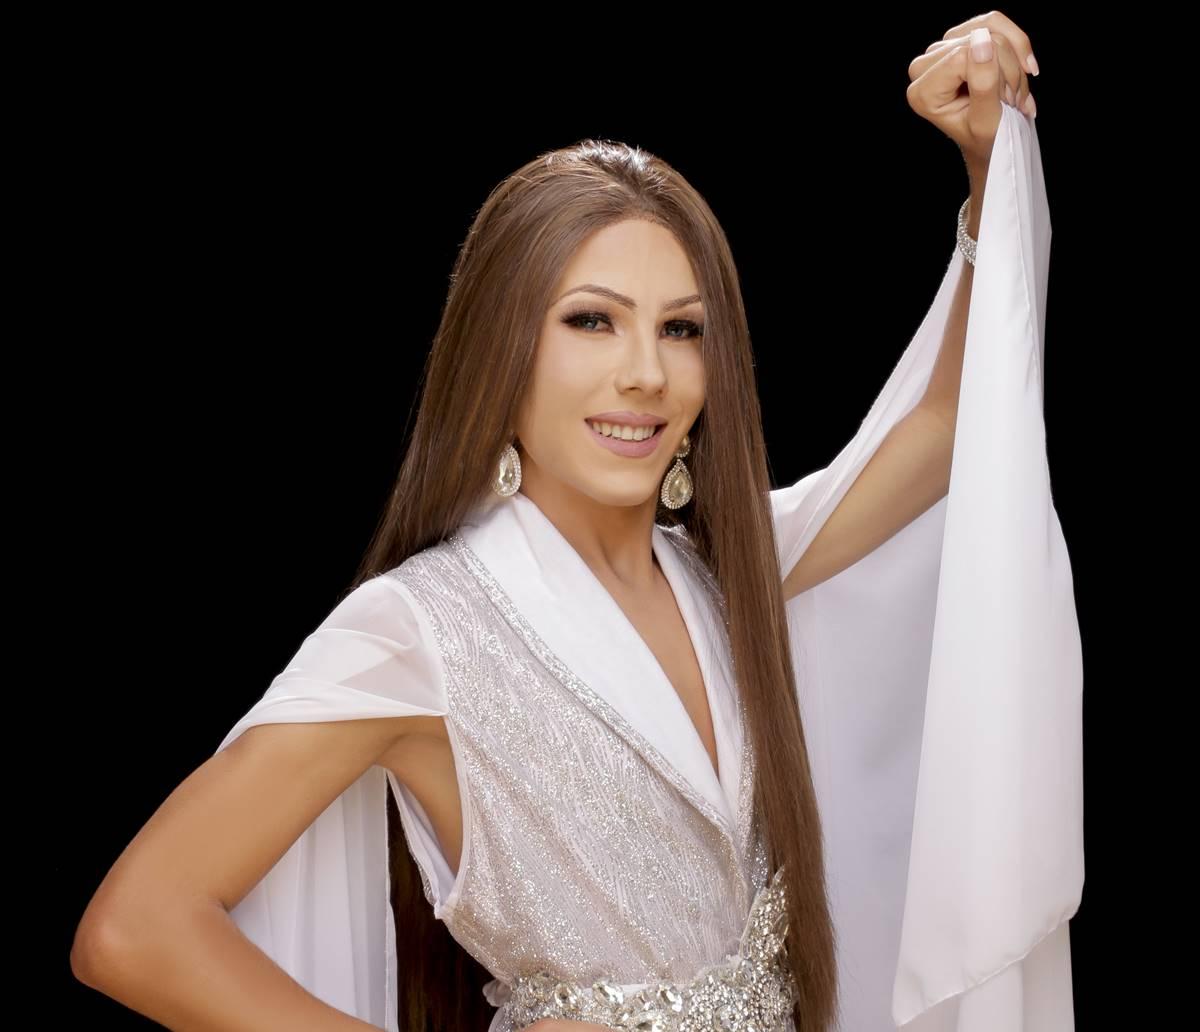 Esta es Carlota Brito, representante de Regular Filipinas